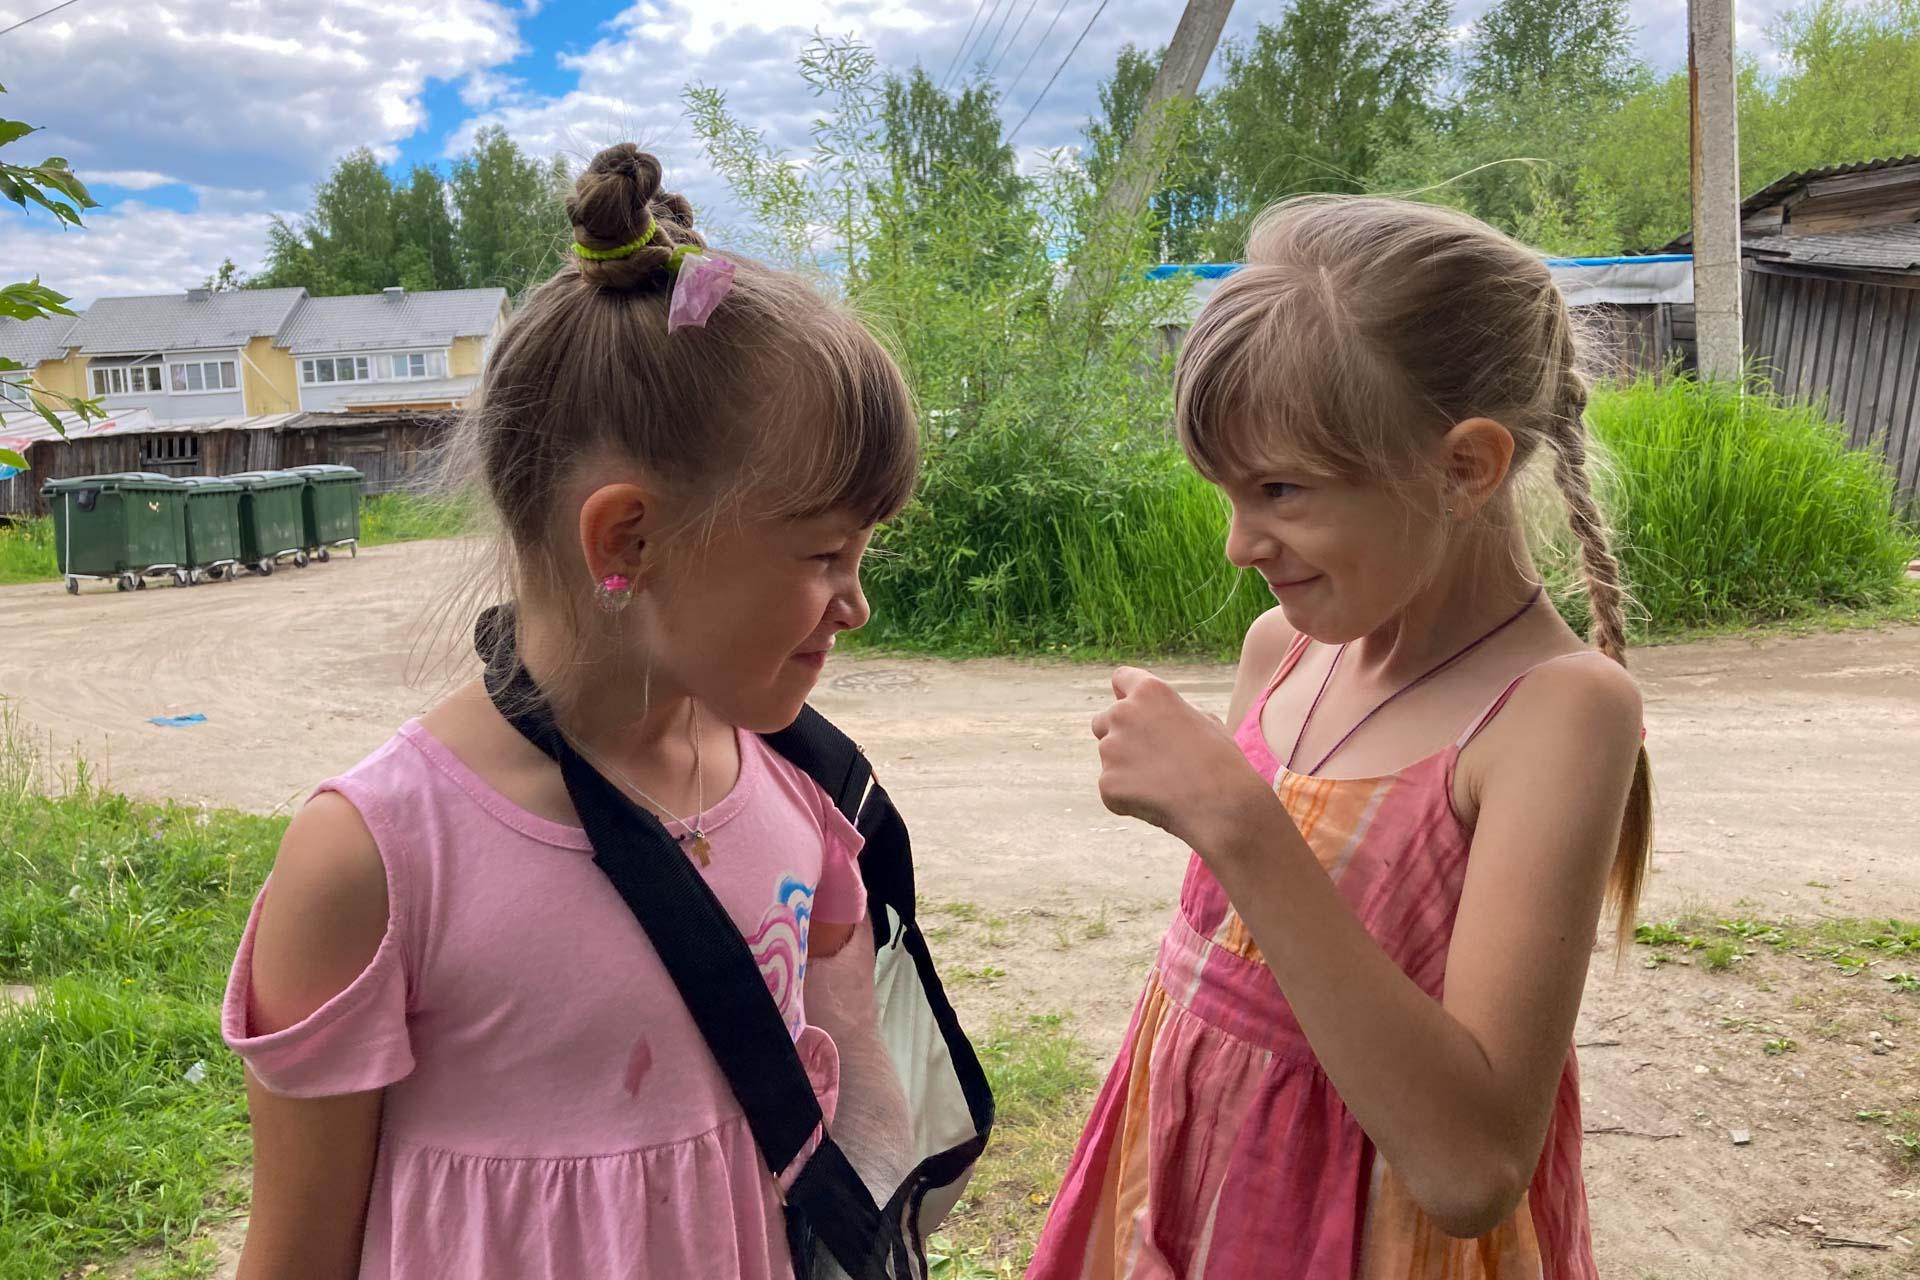 Обе в розовых платьях. На дворе лето 2021 года, самое начало июня. Жарко. Девочки смотрят друг на друга. Подруга показывает кулак Вари. У Вари гипс на левой руке после падения со школьного забора. Родители дома.